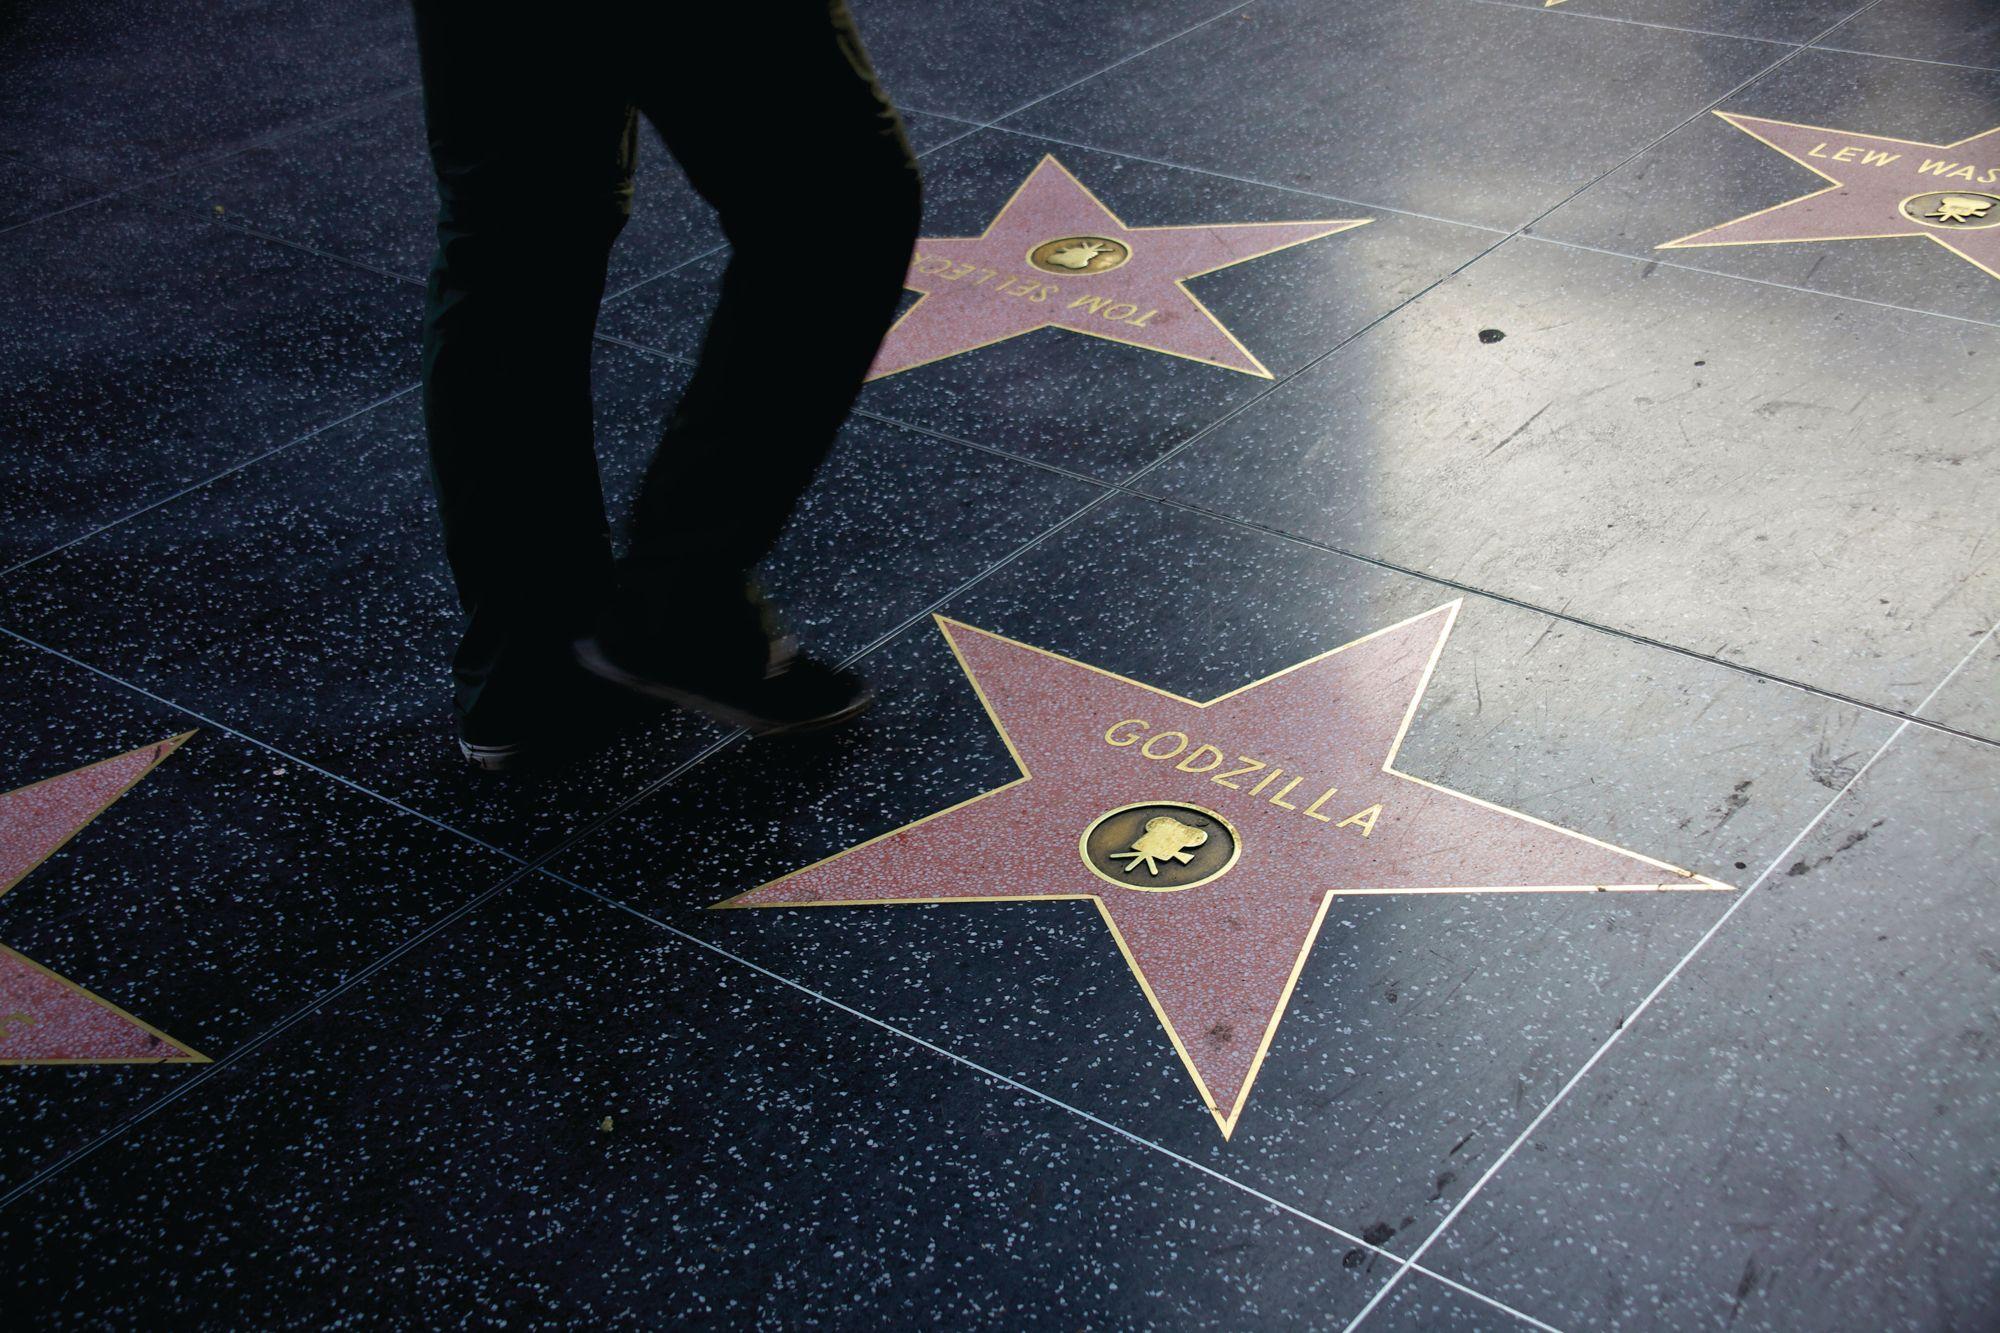 哥吉拉在好萊塢星光大道上的星星 (Photo: Alamy/Argus Illustrated)